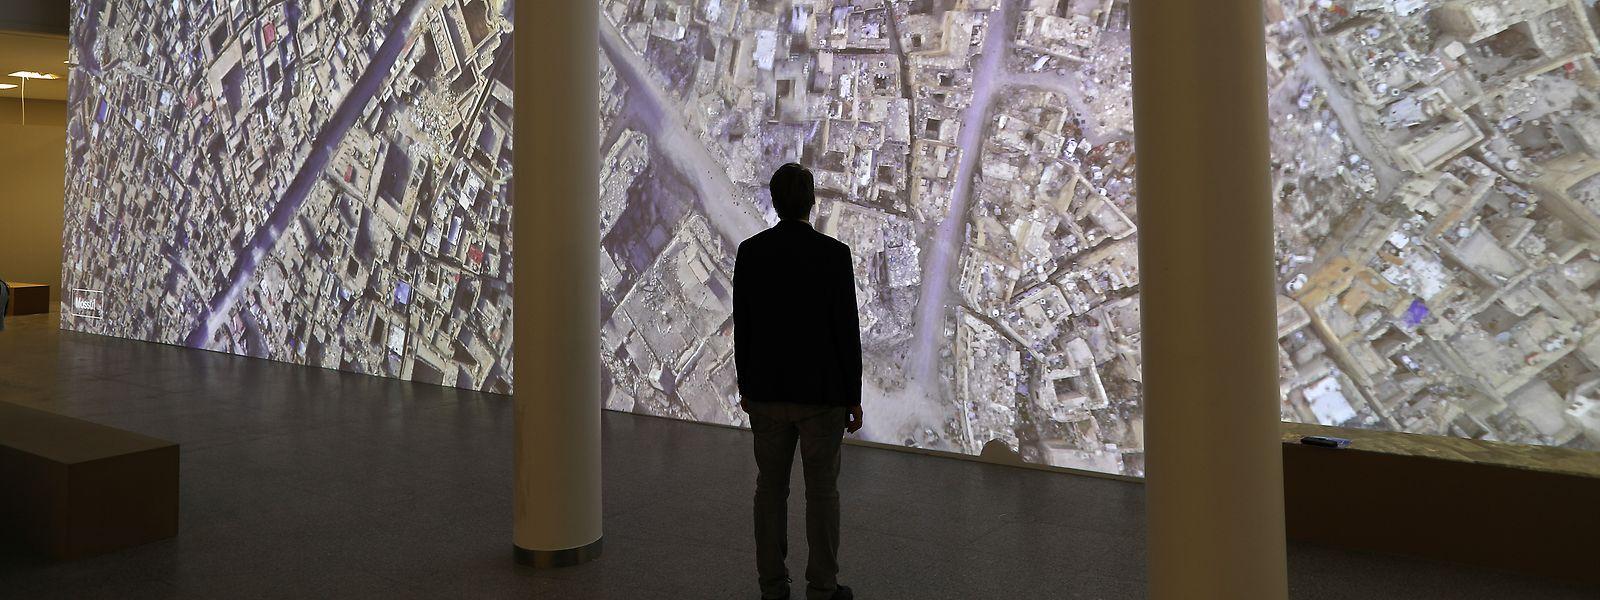 Krieg wird auf einmal anschaulich: Mittendrin im zerstörten Mossul steht der Besucher einer Ausstellung, die noch bis zum 3. November in der Bundeskunsthalle in Bonn zu sehen ist. Diese virtuelle Reise durch die Orte, die zum Unesco-Weltkulturerbe zählen, sollen nachvollziehbar machen, welche verheerende Folgen der Krieg auch auf kultureller Ebene hat.